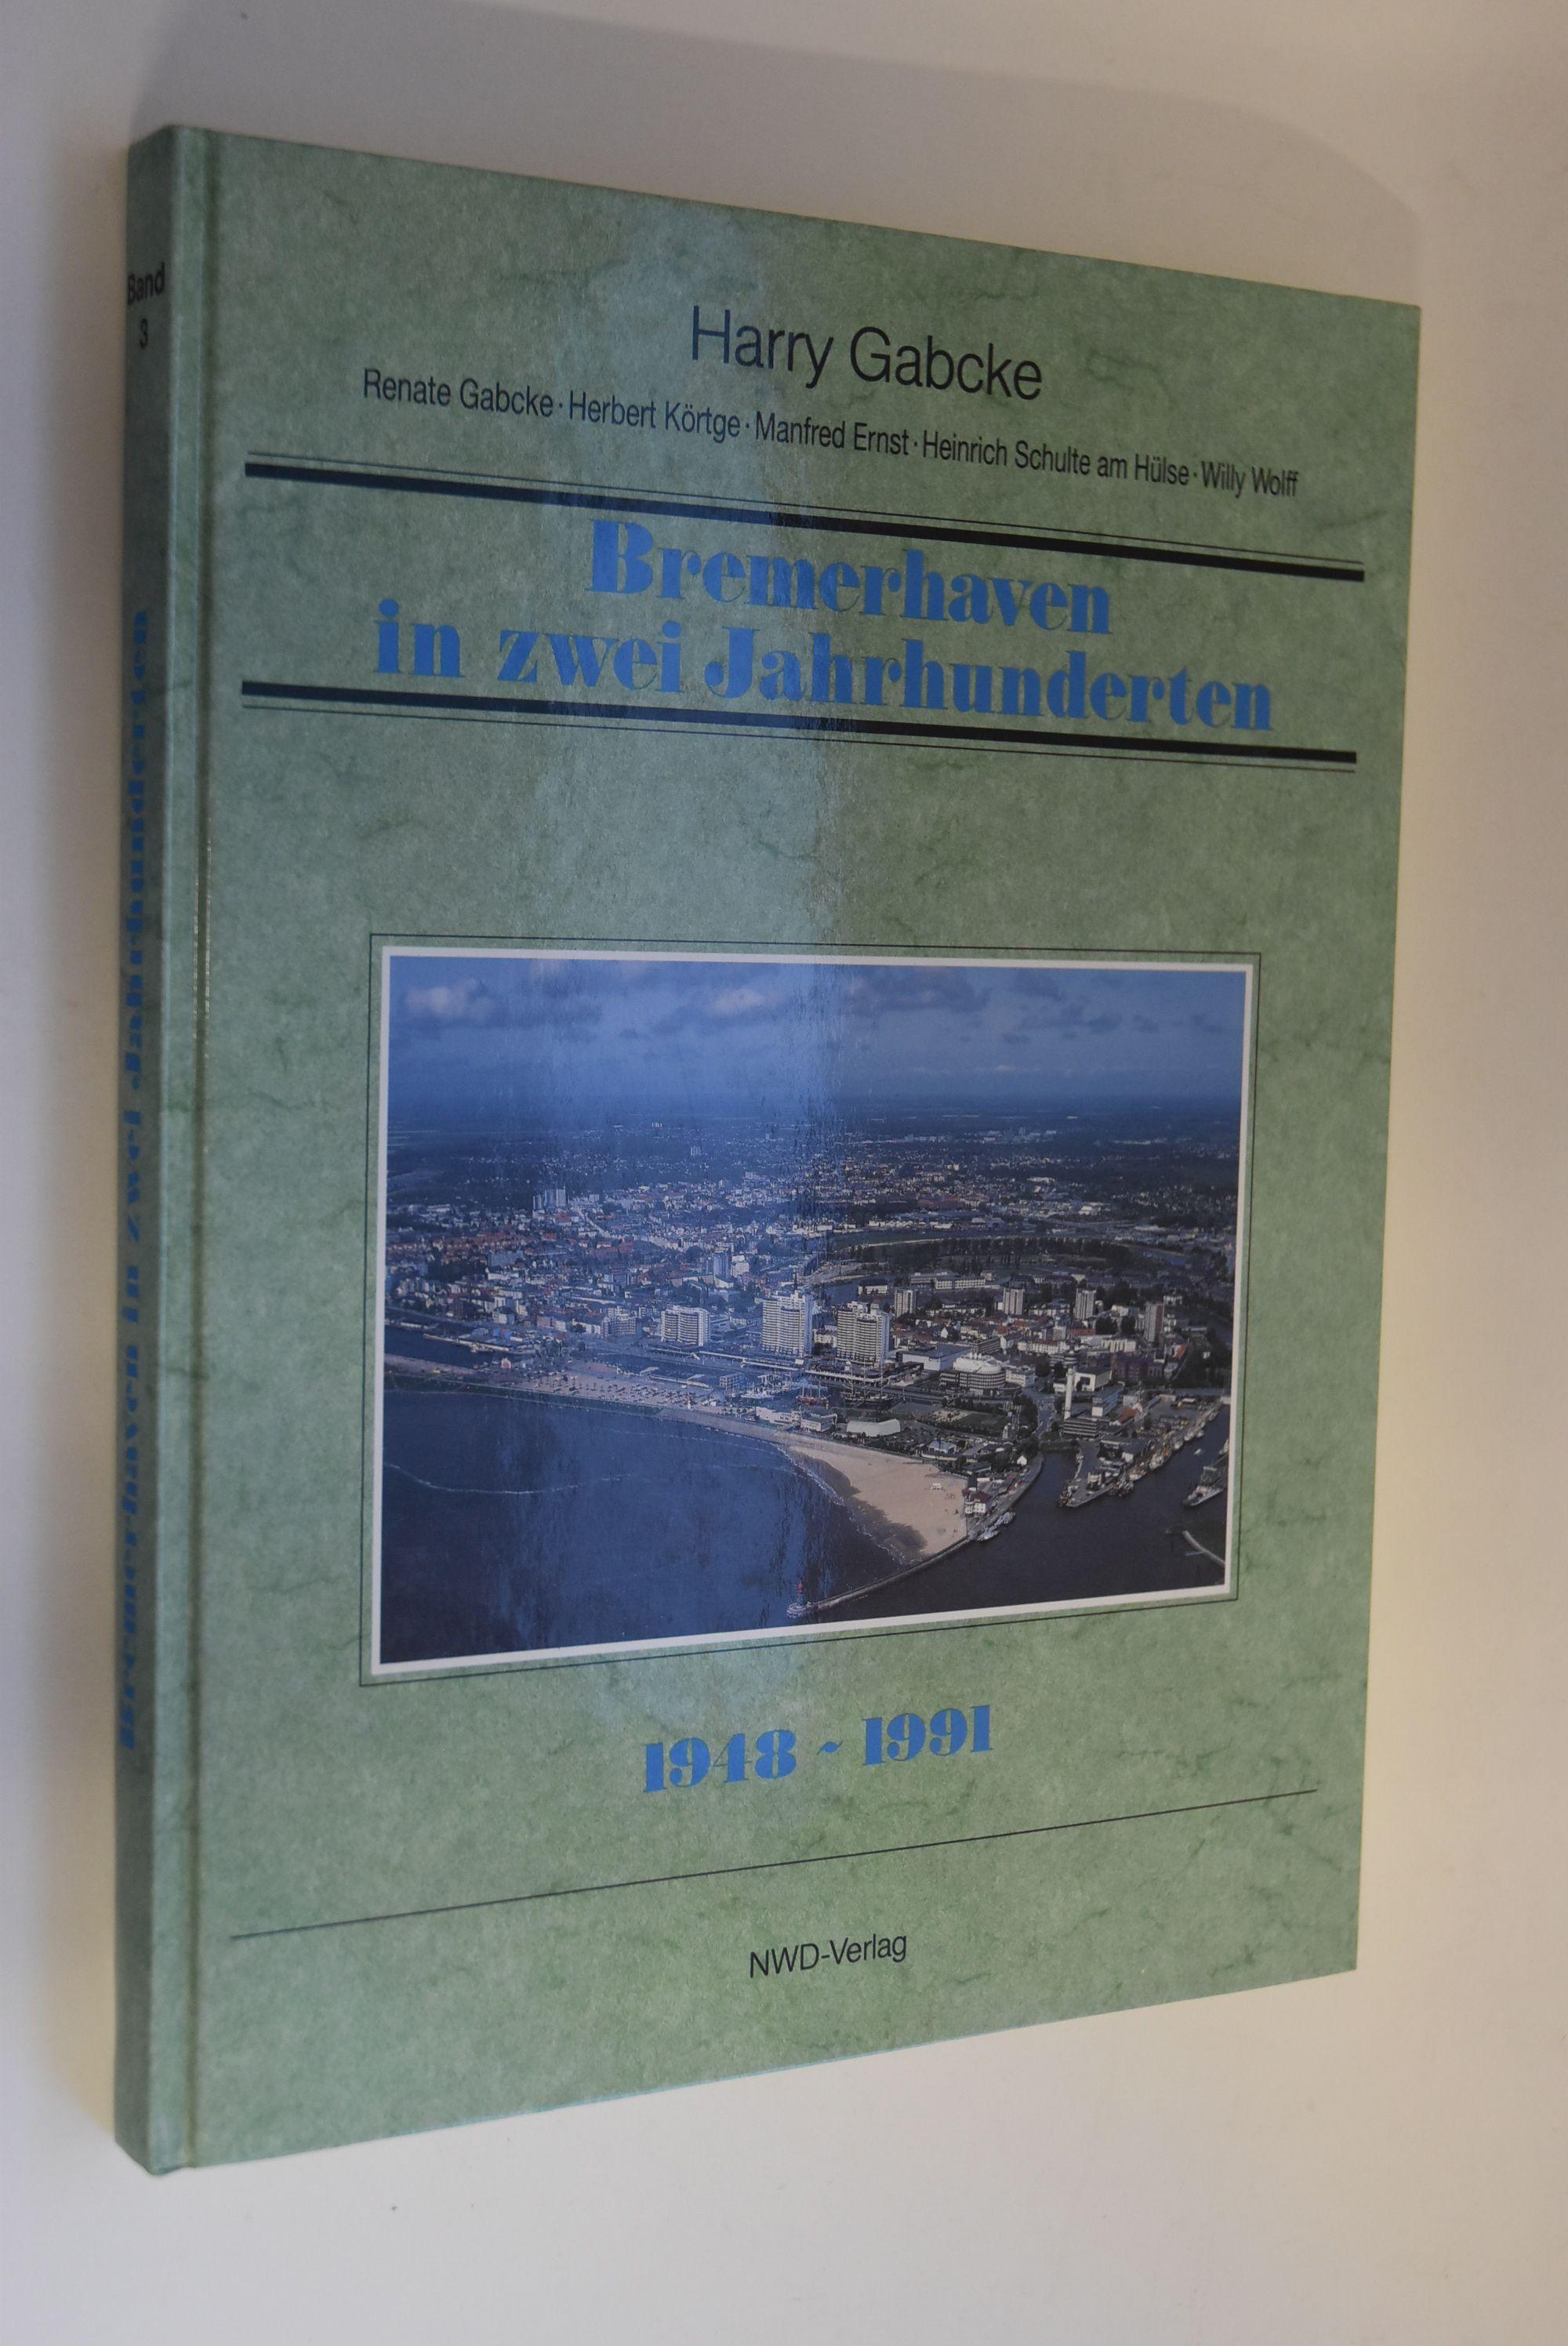 Bremerhaven in zwei Jahrhunderten; Teil: Bd. 3.,: Gabcke, Harry, Renate